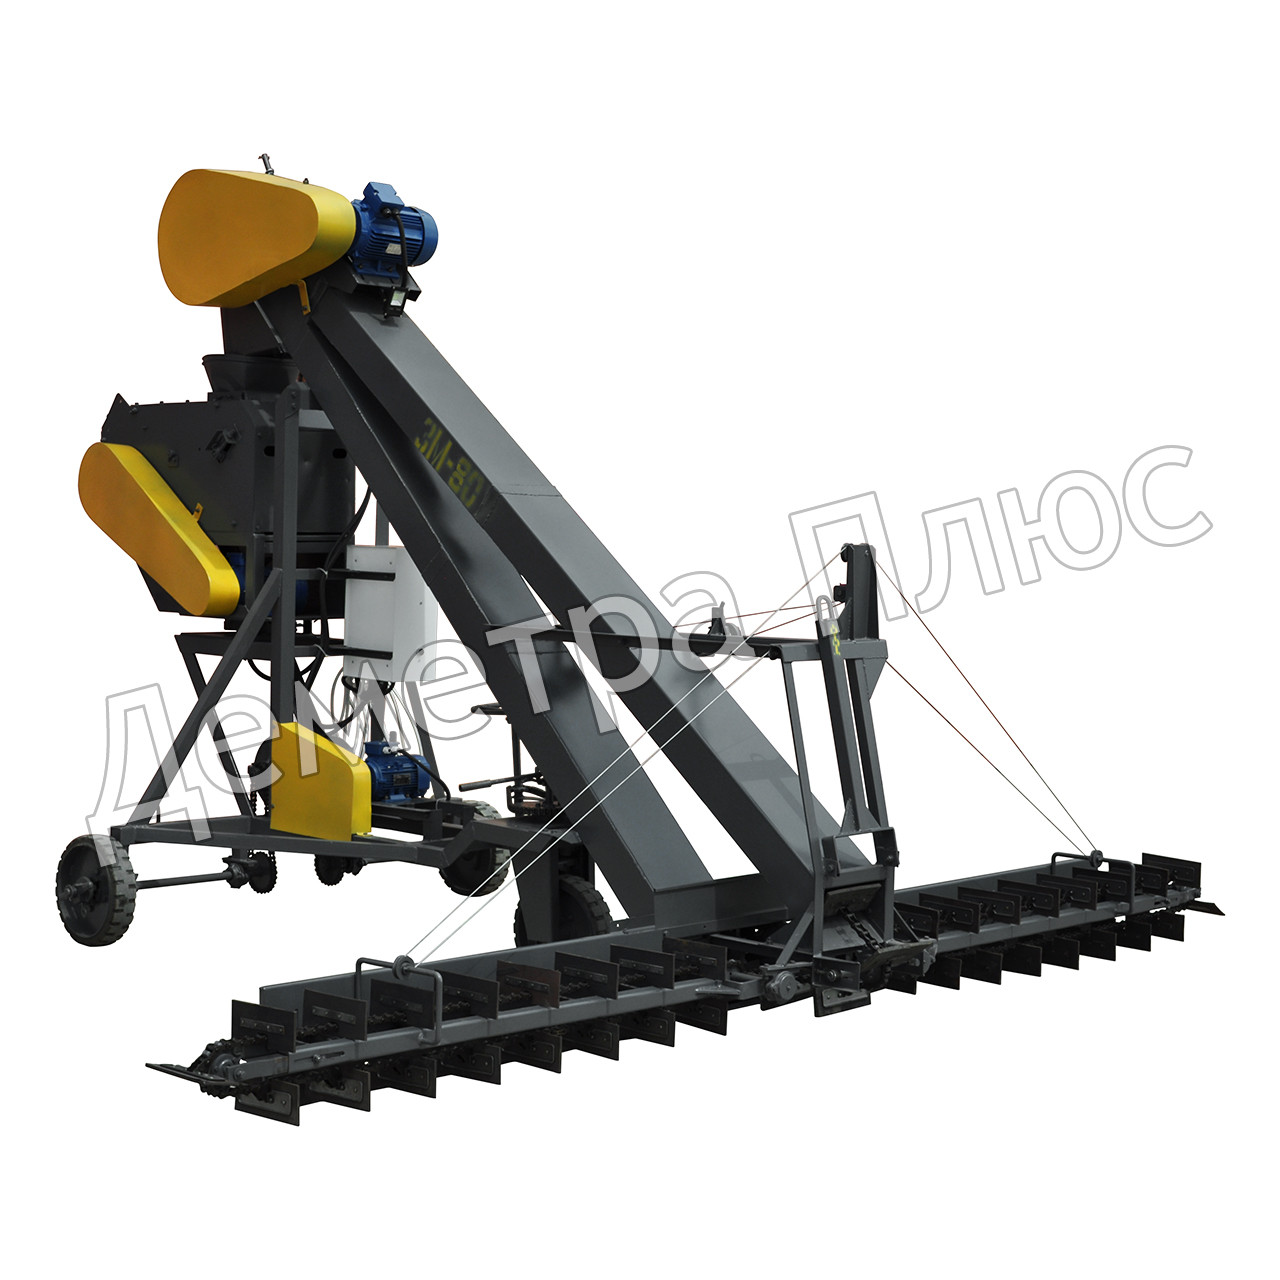 Зернометатель ЗМ-60 (купить зернометатель ЗМ-60, зернометатели зм-60а, зернопогрузчик зм 60), фото 1